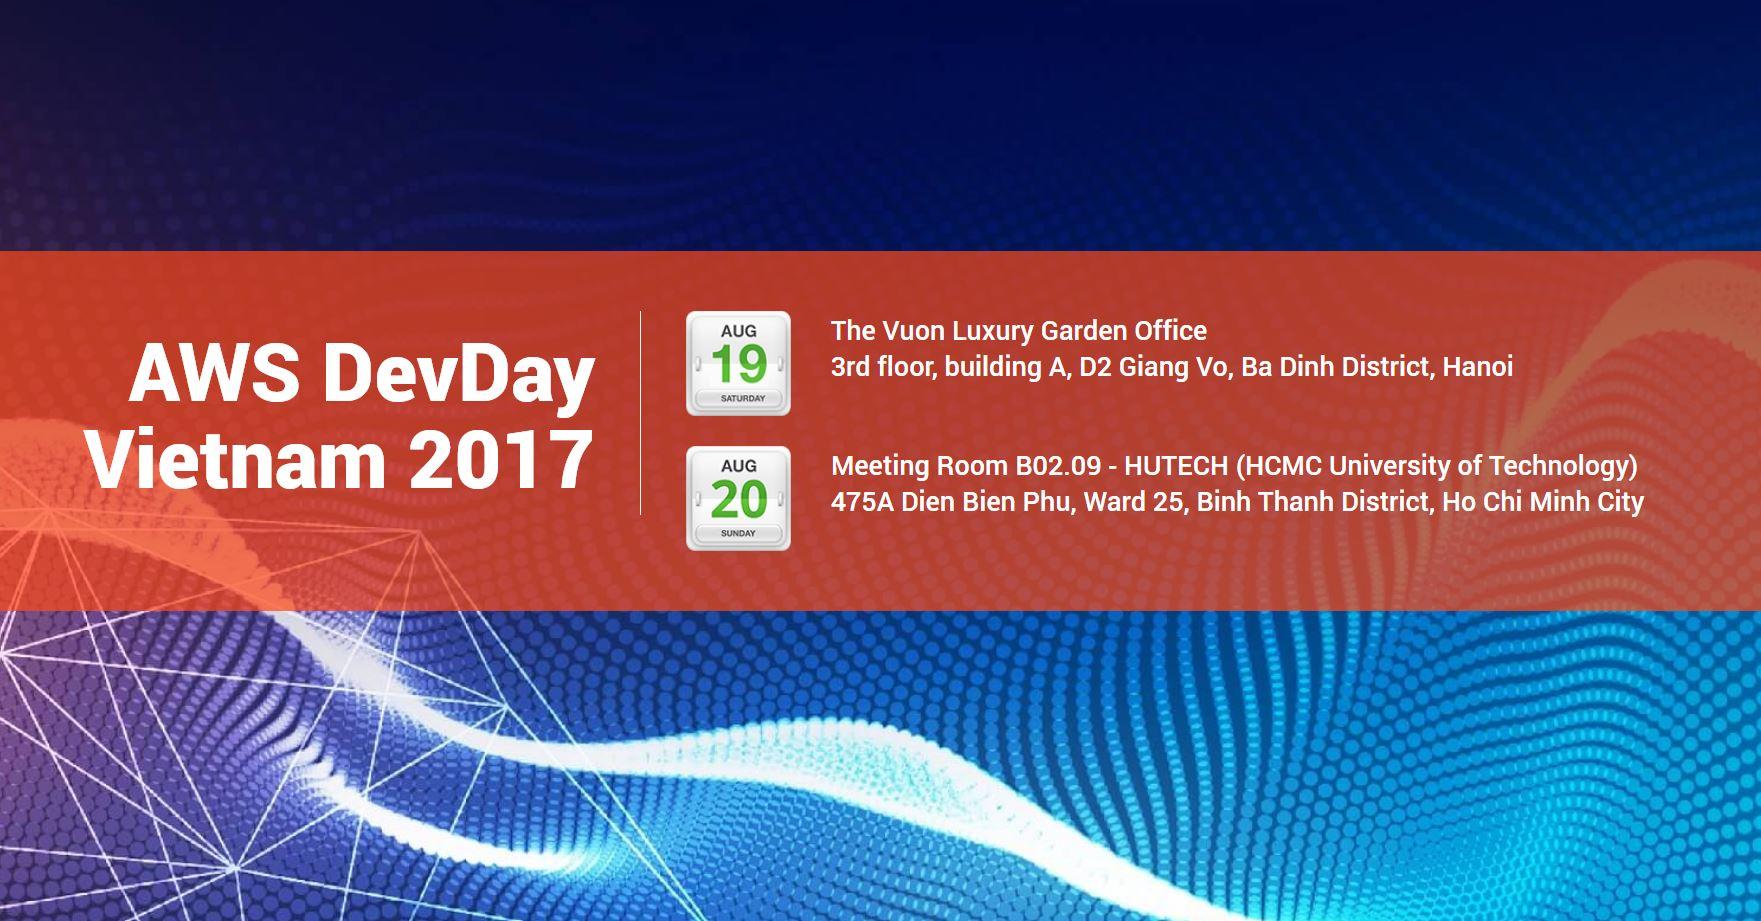 Sự kiện DevDay của Amazon Web Services dành cho các nhà phát triển ứng dụng tại Việt Nam